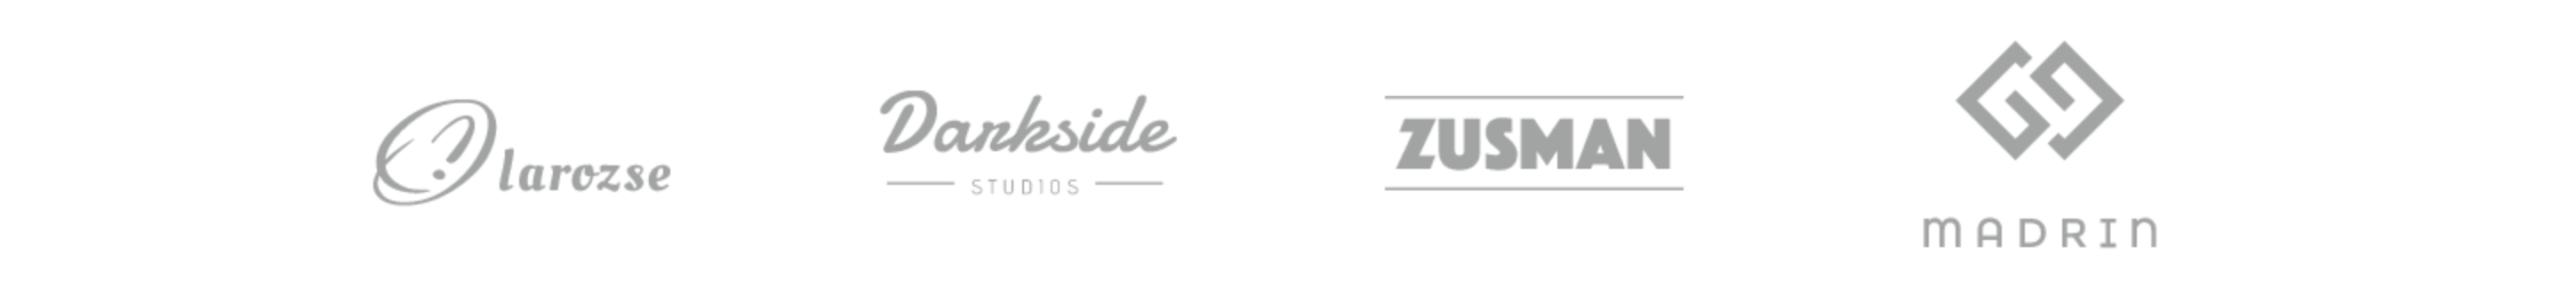 企業ロゴ scaled